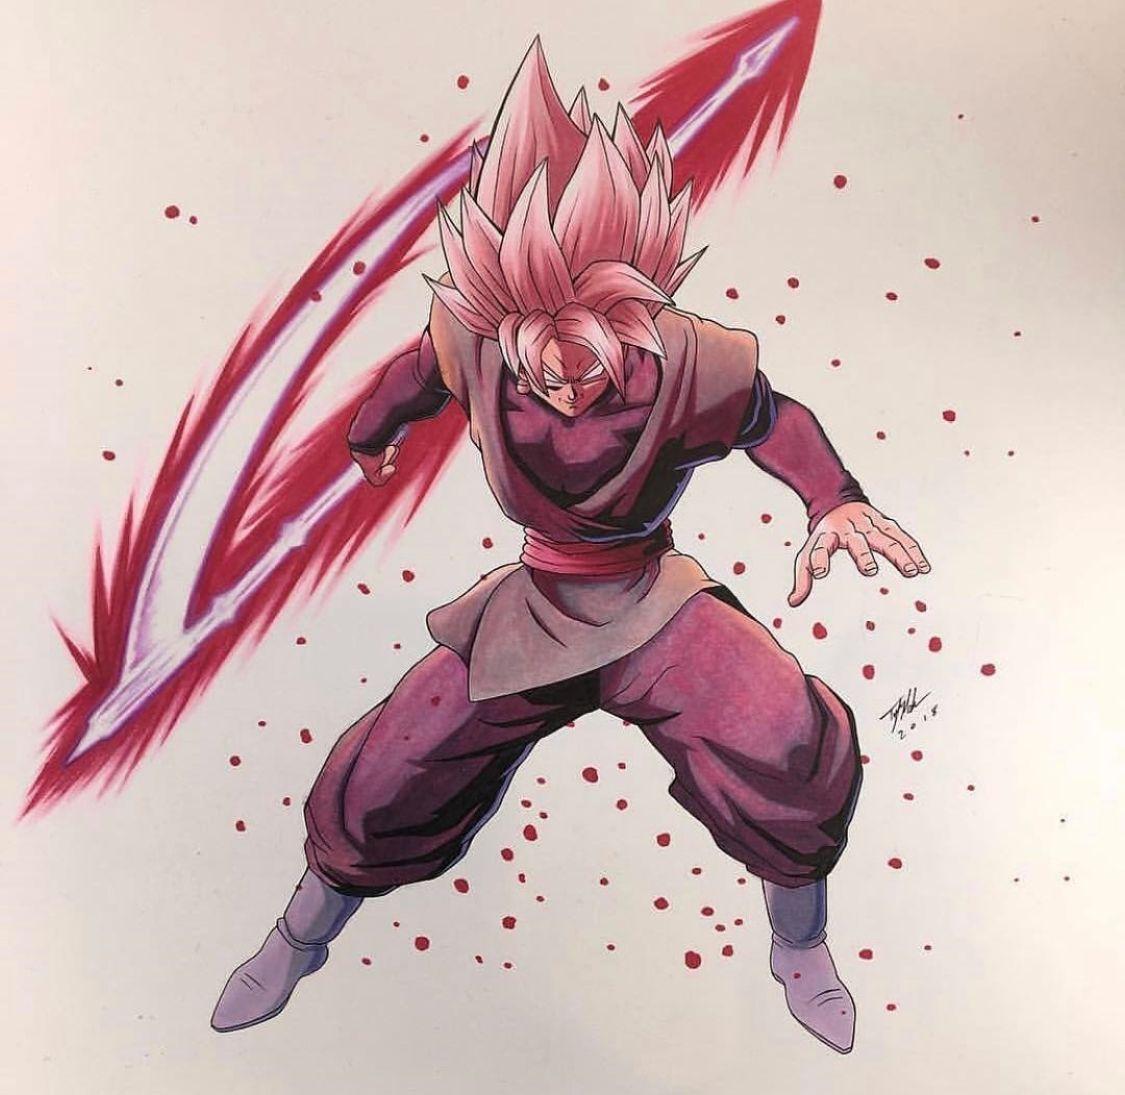 Goku Black Ssjr Dragon Ball Zeichnungen Anime Bilder